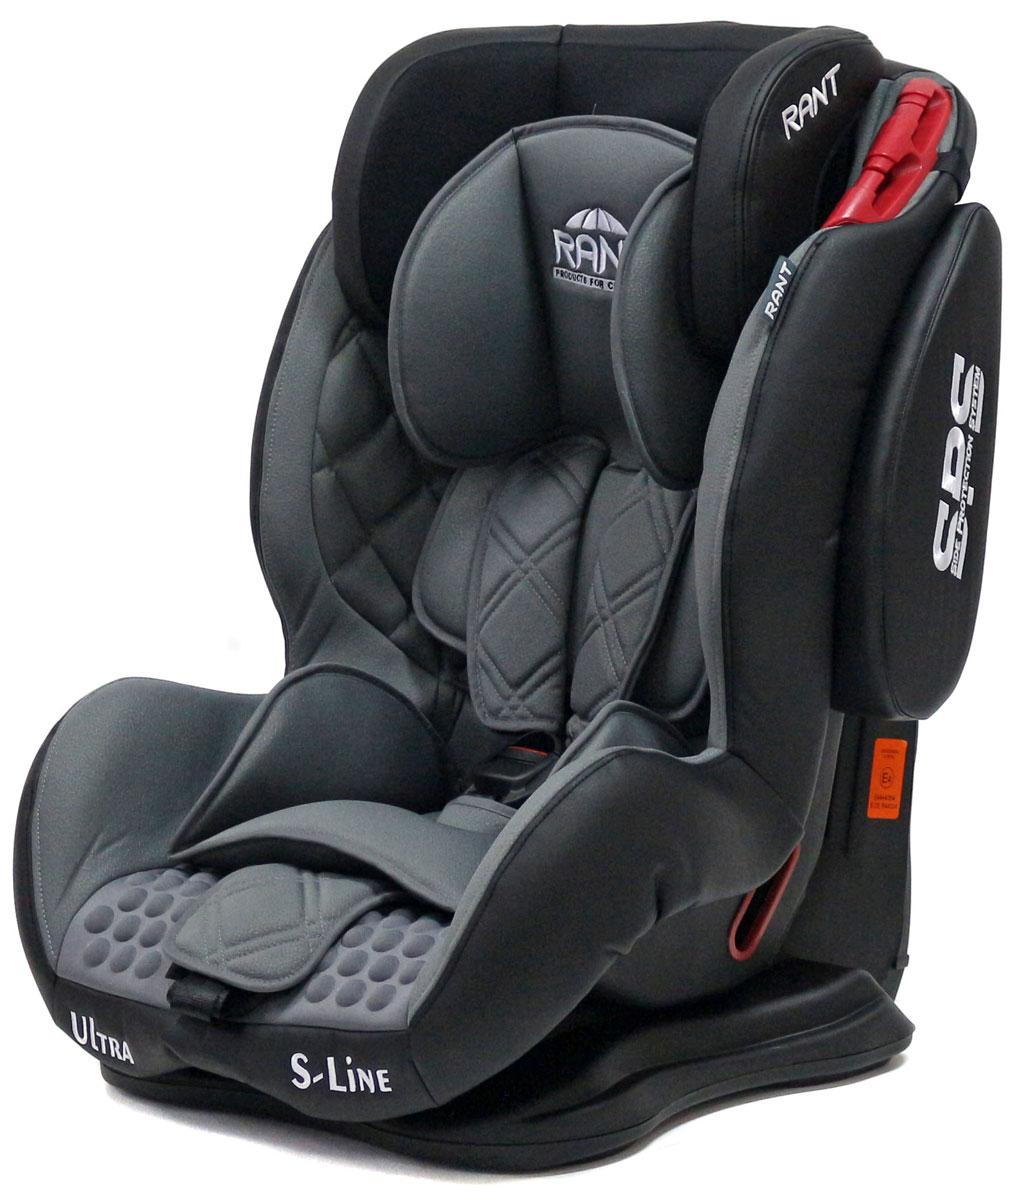 Rant Автокресло Ultra SPS цвет серый от 9 до 36 кг80625Автокресло Rant Ultra SPS группы 1-2-3 предназначено для детей весом от 9 до 36 кг (возраст от 9 месяцев до 12 лет), крепится штатными ремнями безопасности автомобиля, устанавливается по ходу движения автомобиля. Кресло оснащено пятиточечным ремнем безопасности с мягкими плечевыми накладками и антискользящими нашивками, 3-х ступенчатой настройкой высоты подголовника, корректировкой высоты ремня безопасности по уровню подголовника. 3 положения наклона корпуса, устойчивая база, фиксатор высоты штатных ремней безопасности, дополнительная боковая защита, съемный чехол, мягкий съемный вкладыш для малыша делают это кресло идеальным средством для защиты ребенка во время передвижения на автомобиле.Сертификат Европейского Стандарта Безопасности ЕCE R44/04.